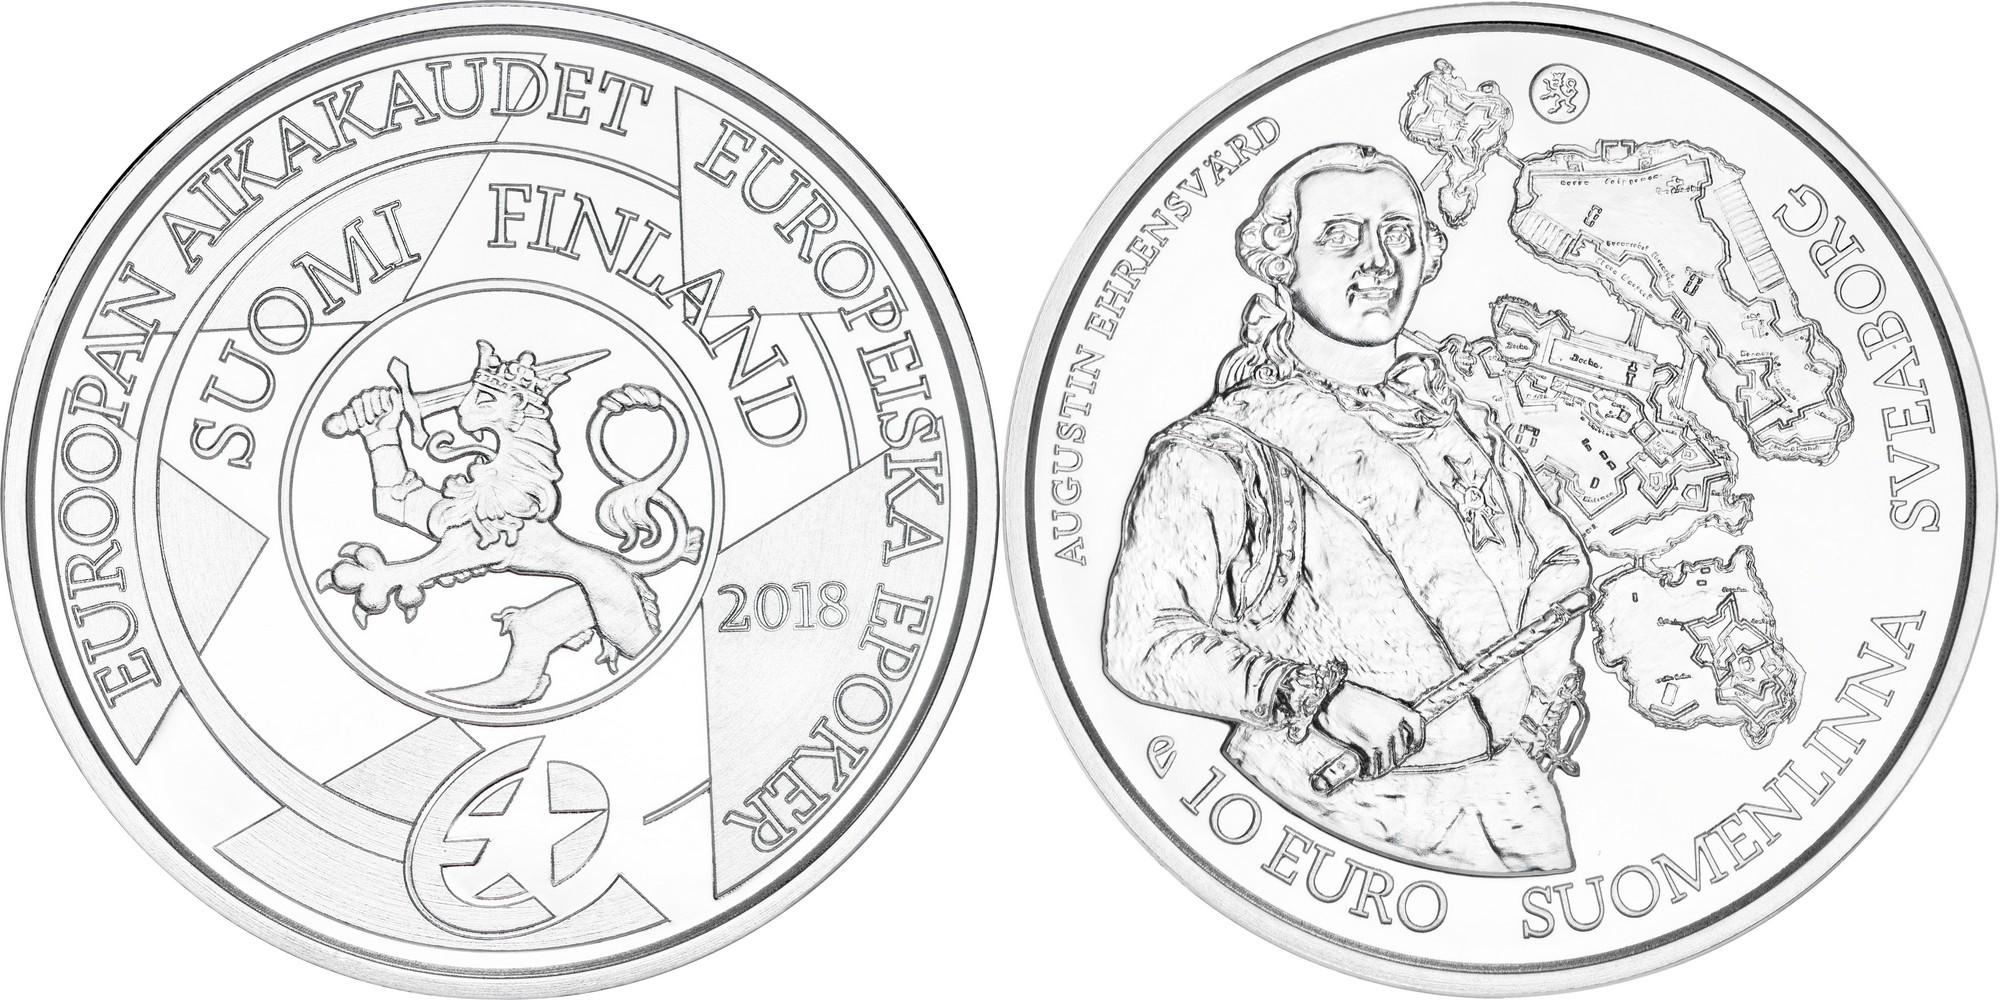 finlande 2018 europastar baroque et rococo